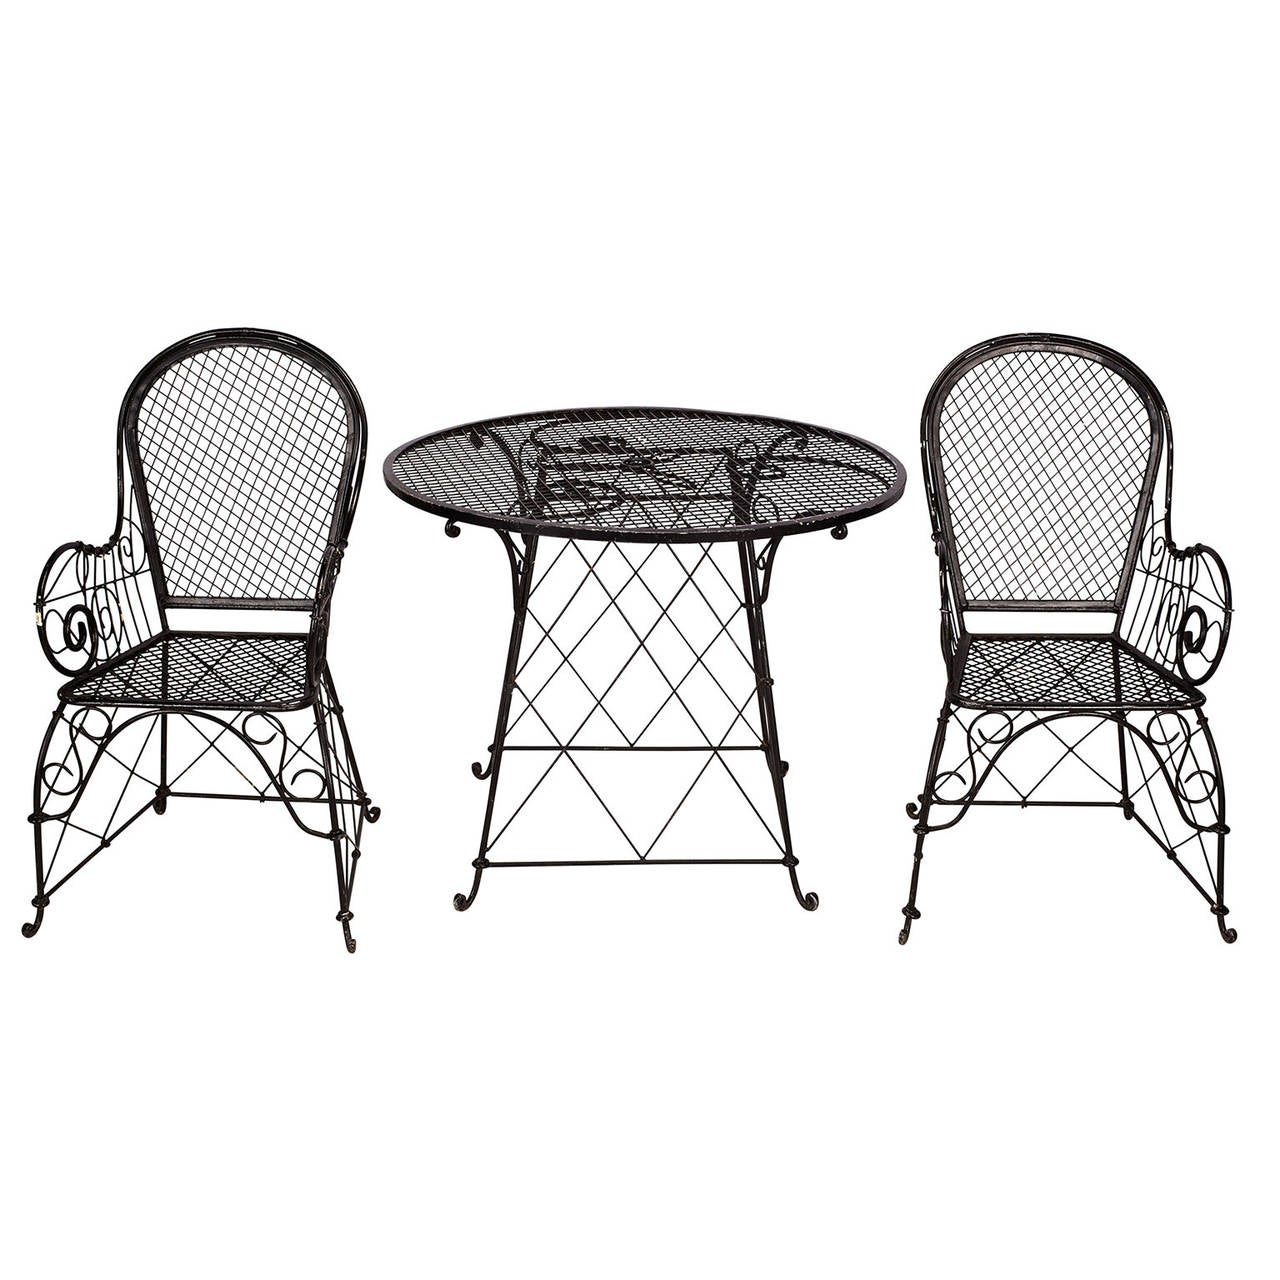 Black Wire Garden Furniture Set At 1stdibs